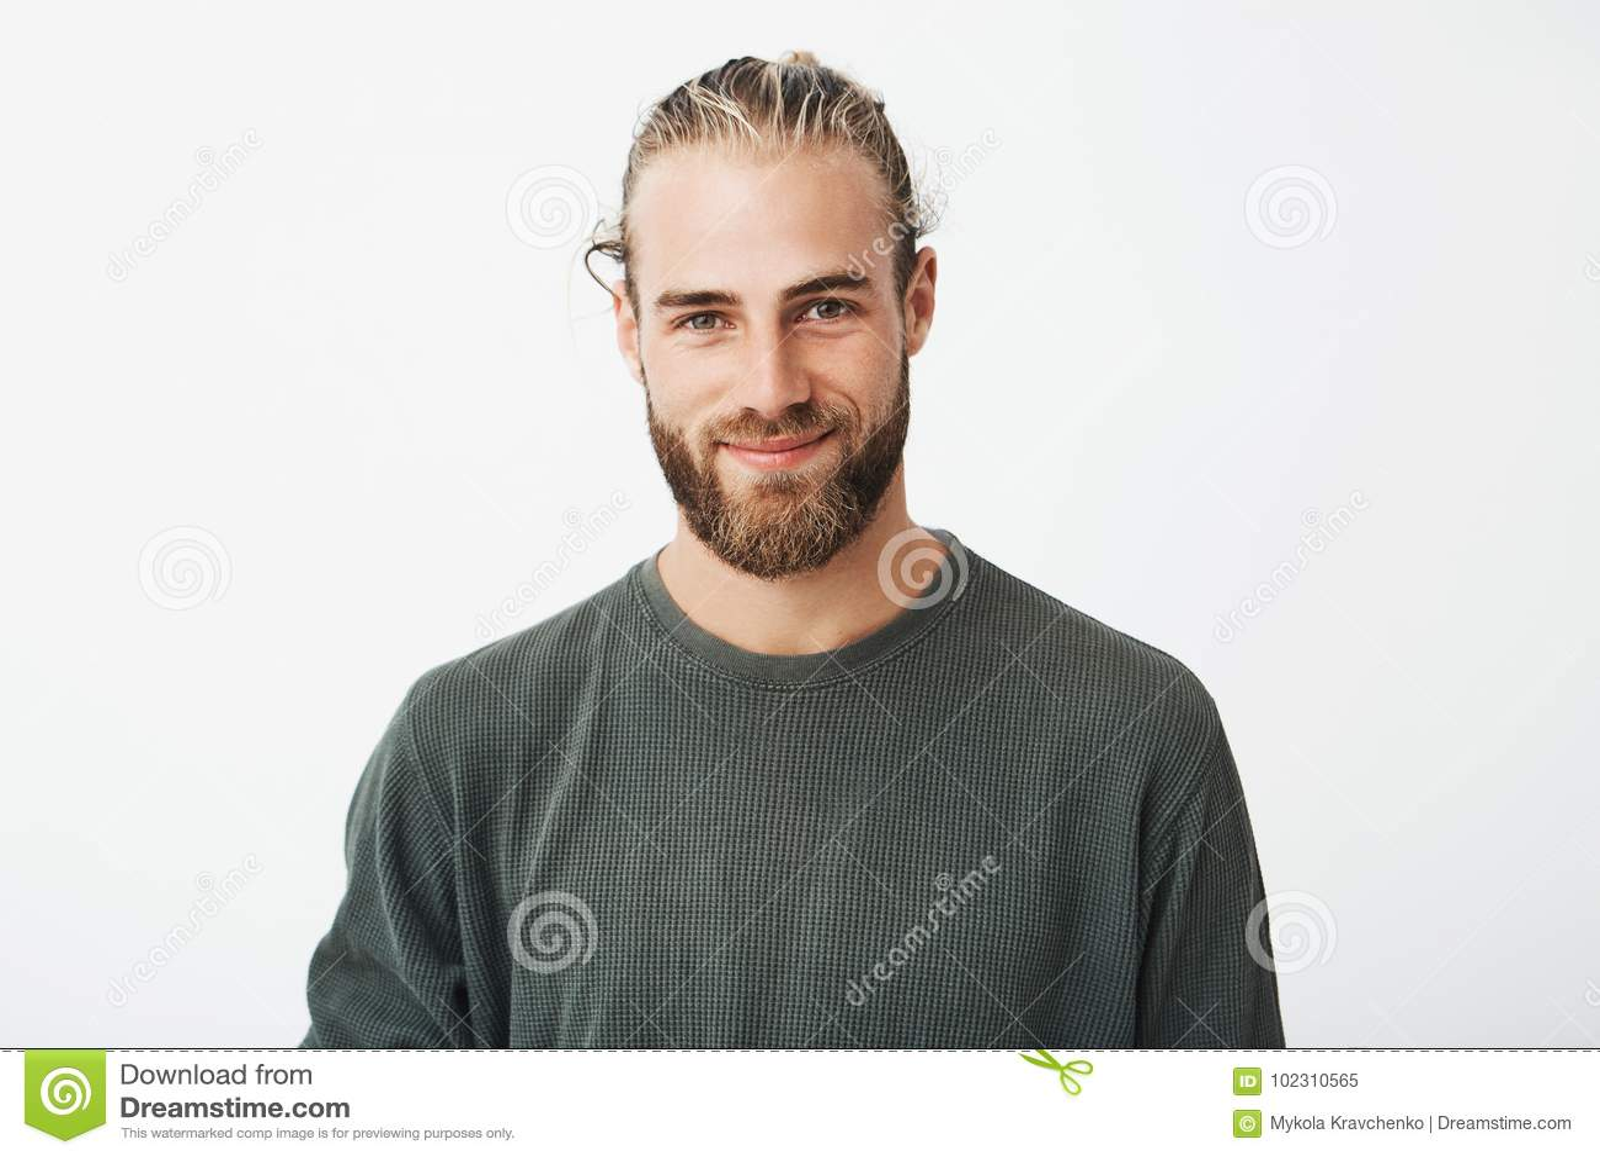 Retrato del individuo barbudo rubio maduro hermoso con el peinado de moda en camisa gris casual que sonríe y que mira in camera